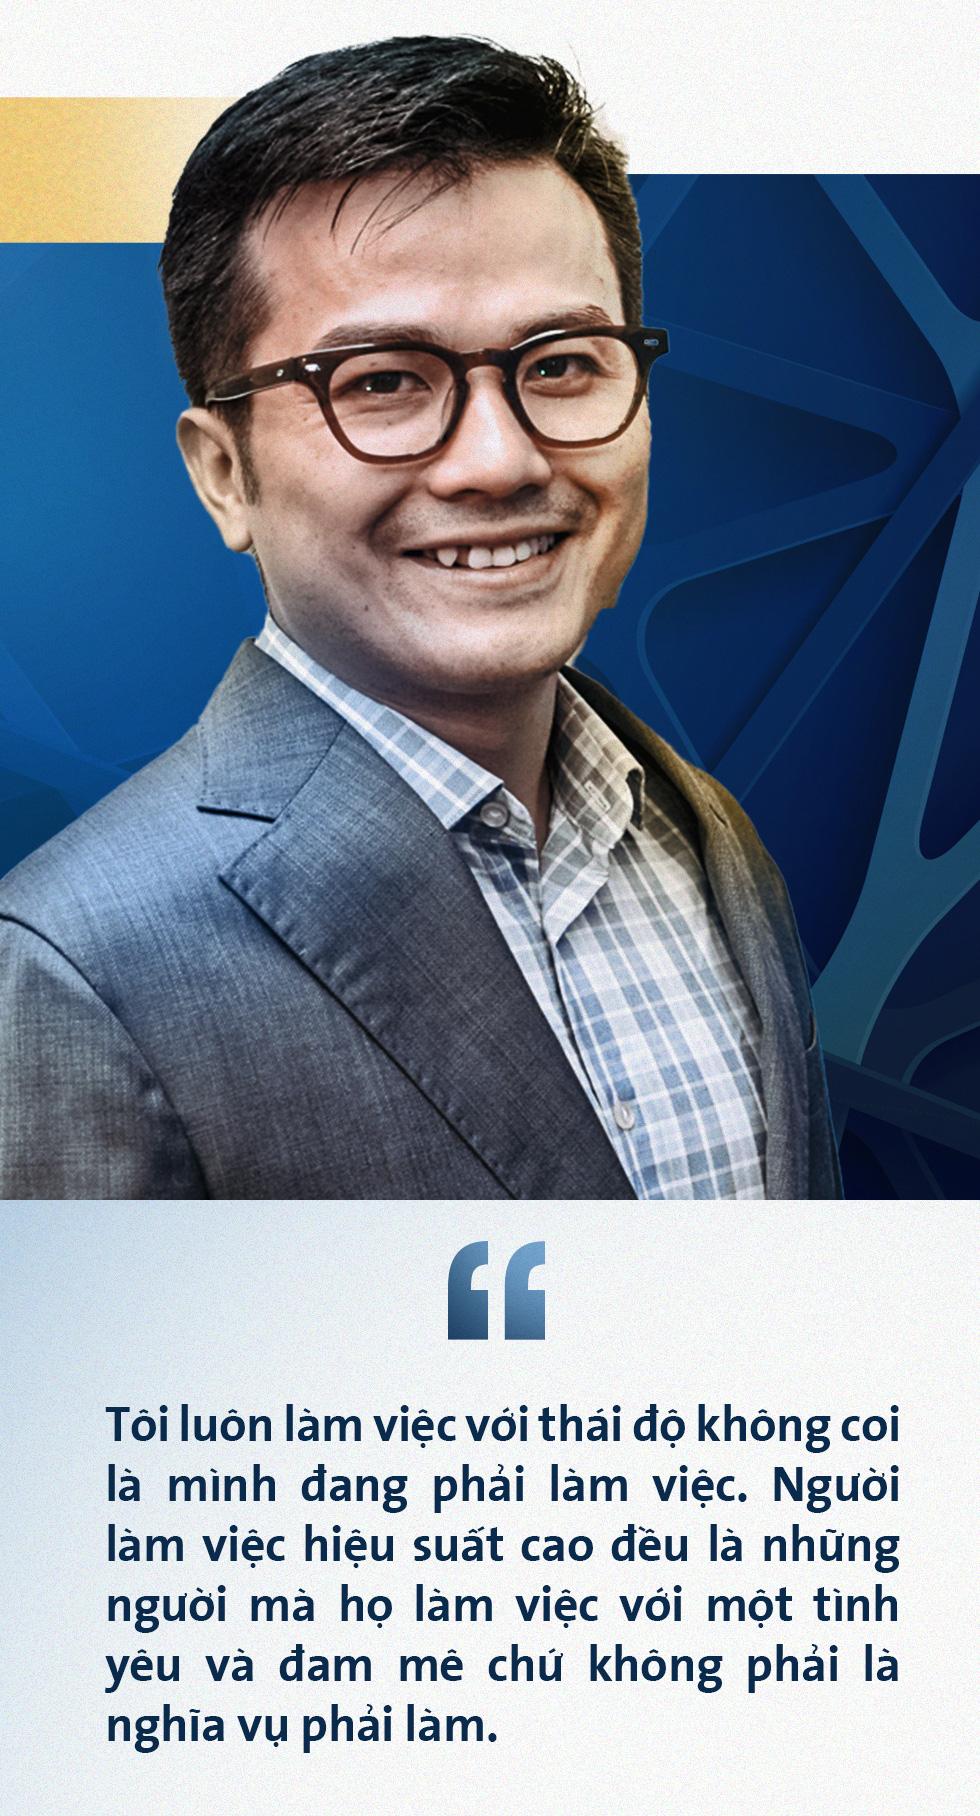 PGS Trần Xuân Bách: Làm khoa học như leo lên đỉnh núi mù sương - Ảnh 6.